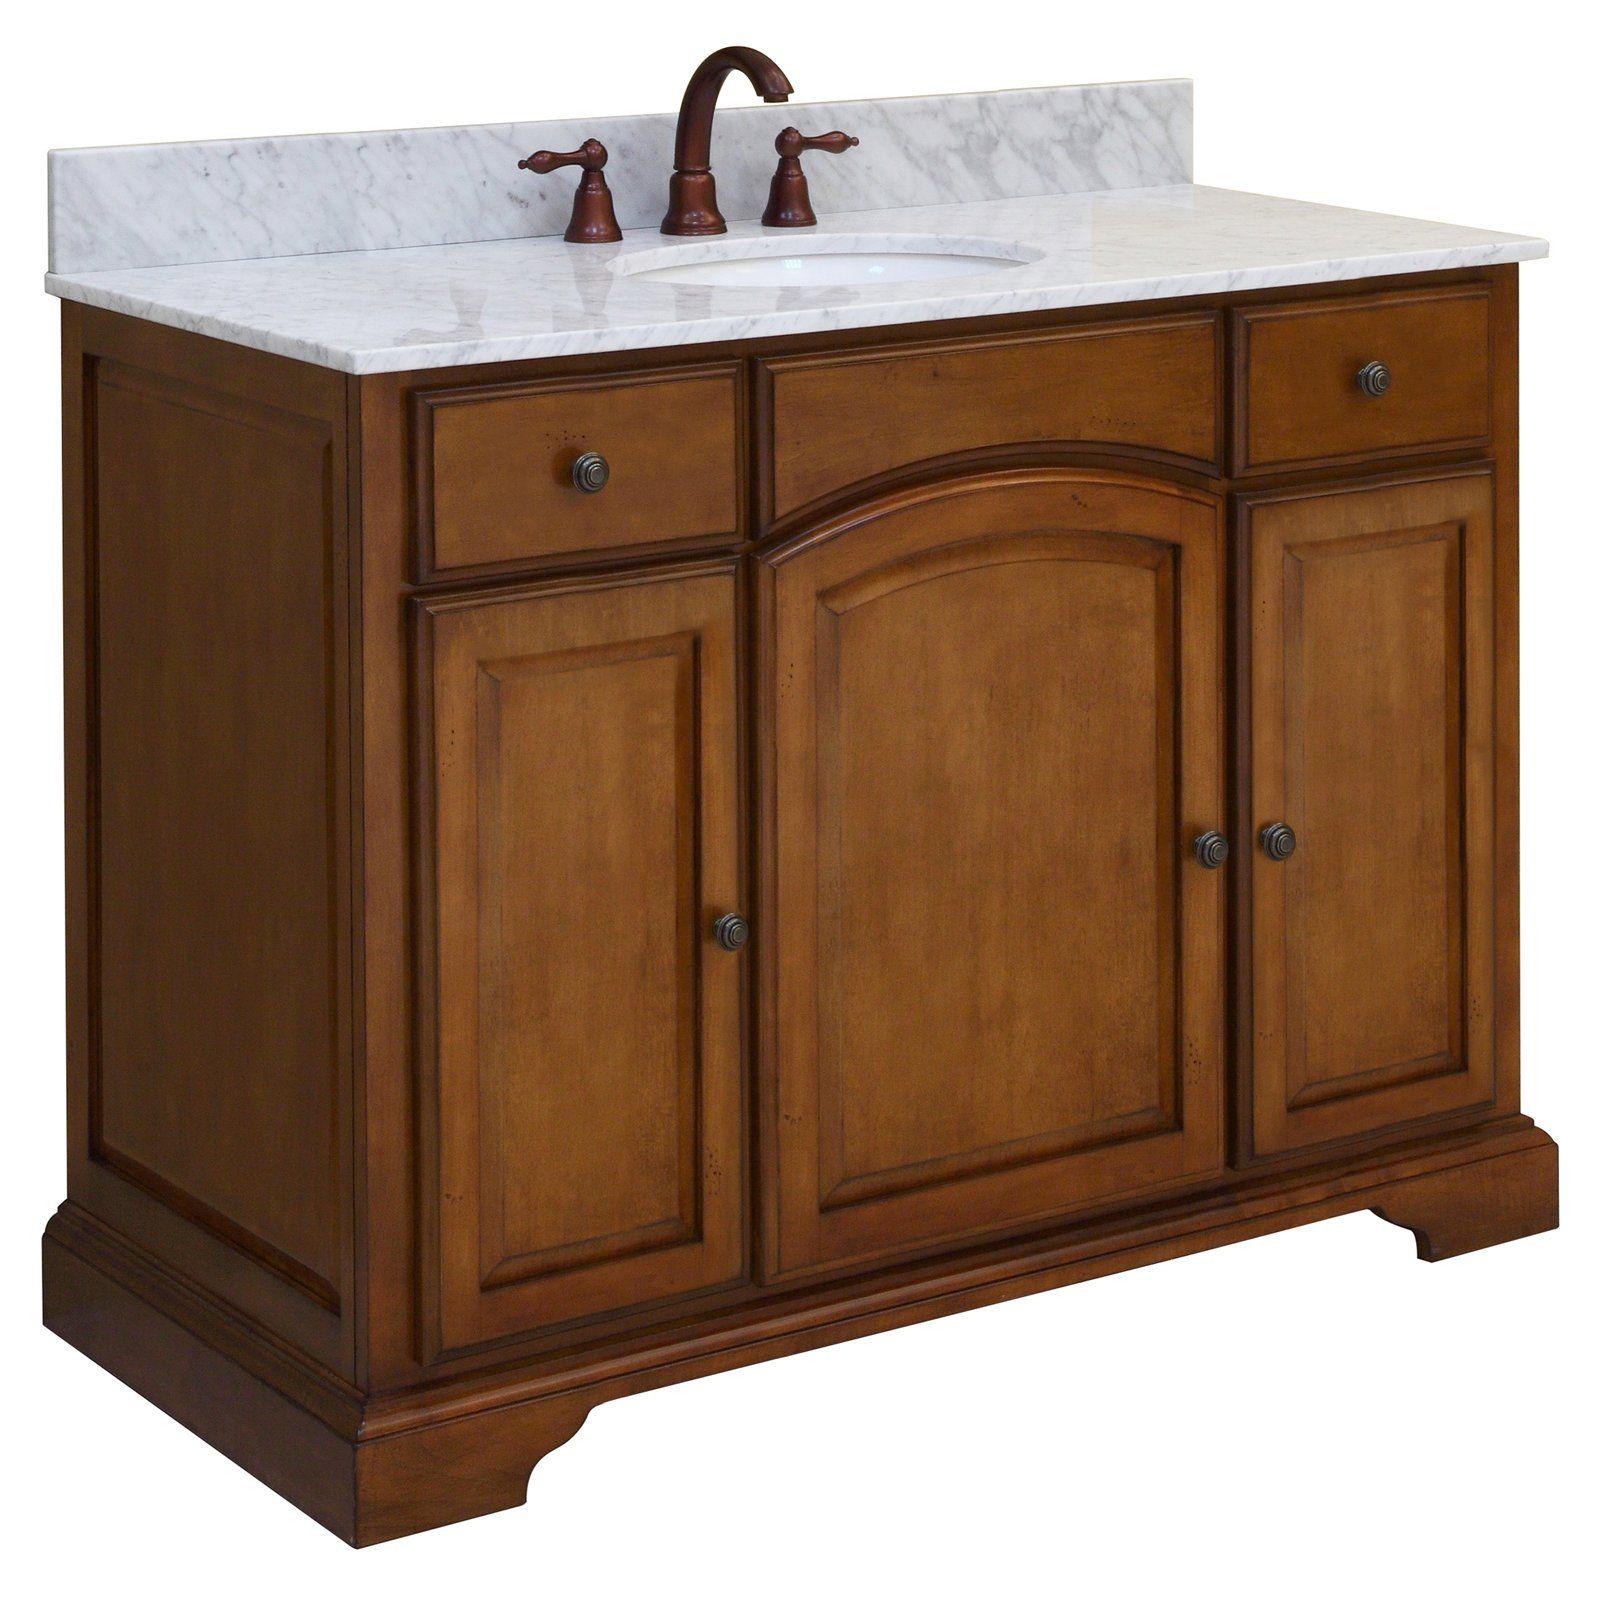 Sagehill Designs Bathroom Vanities Sagehill Designs Us4821D Union 48 Insingle Bathroom Vanity  The